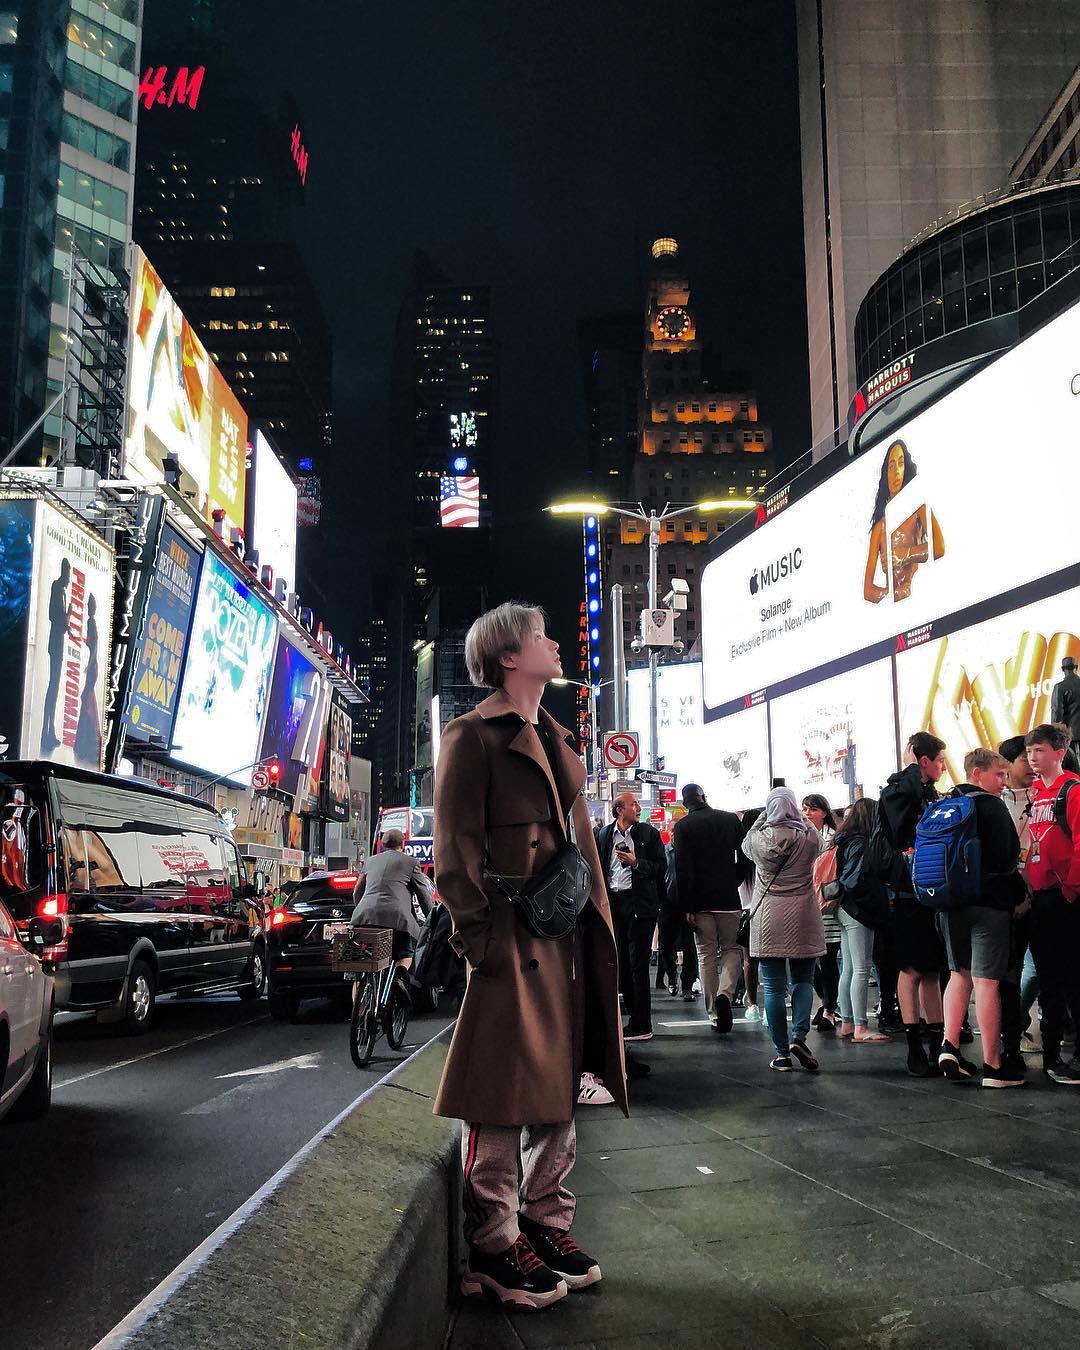 [分享]190319 开心快乐的纽约之行之老大老五INS篇!就算回国了旅行分享也不能停!